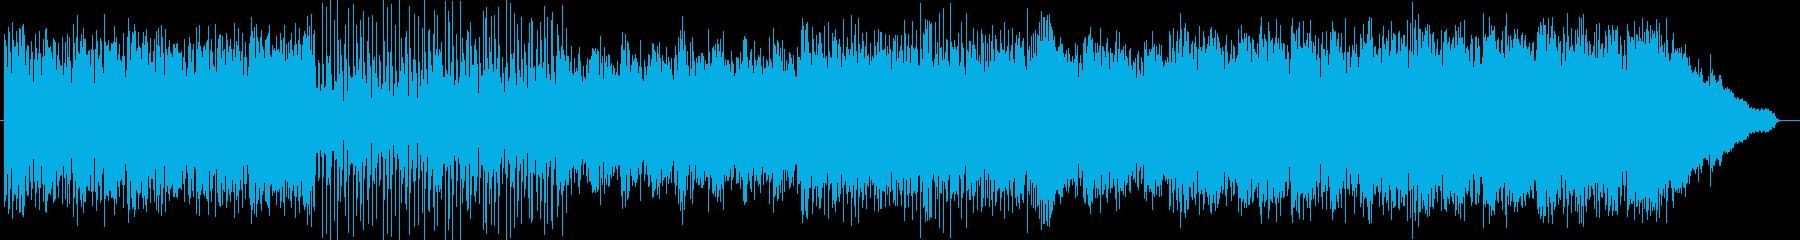 シンセサイザーによるさわやかなインストの再生済みの波形